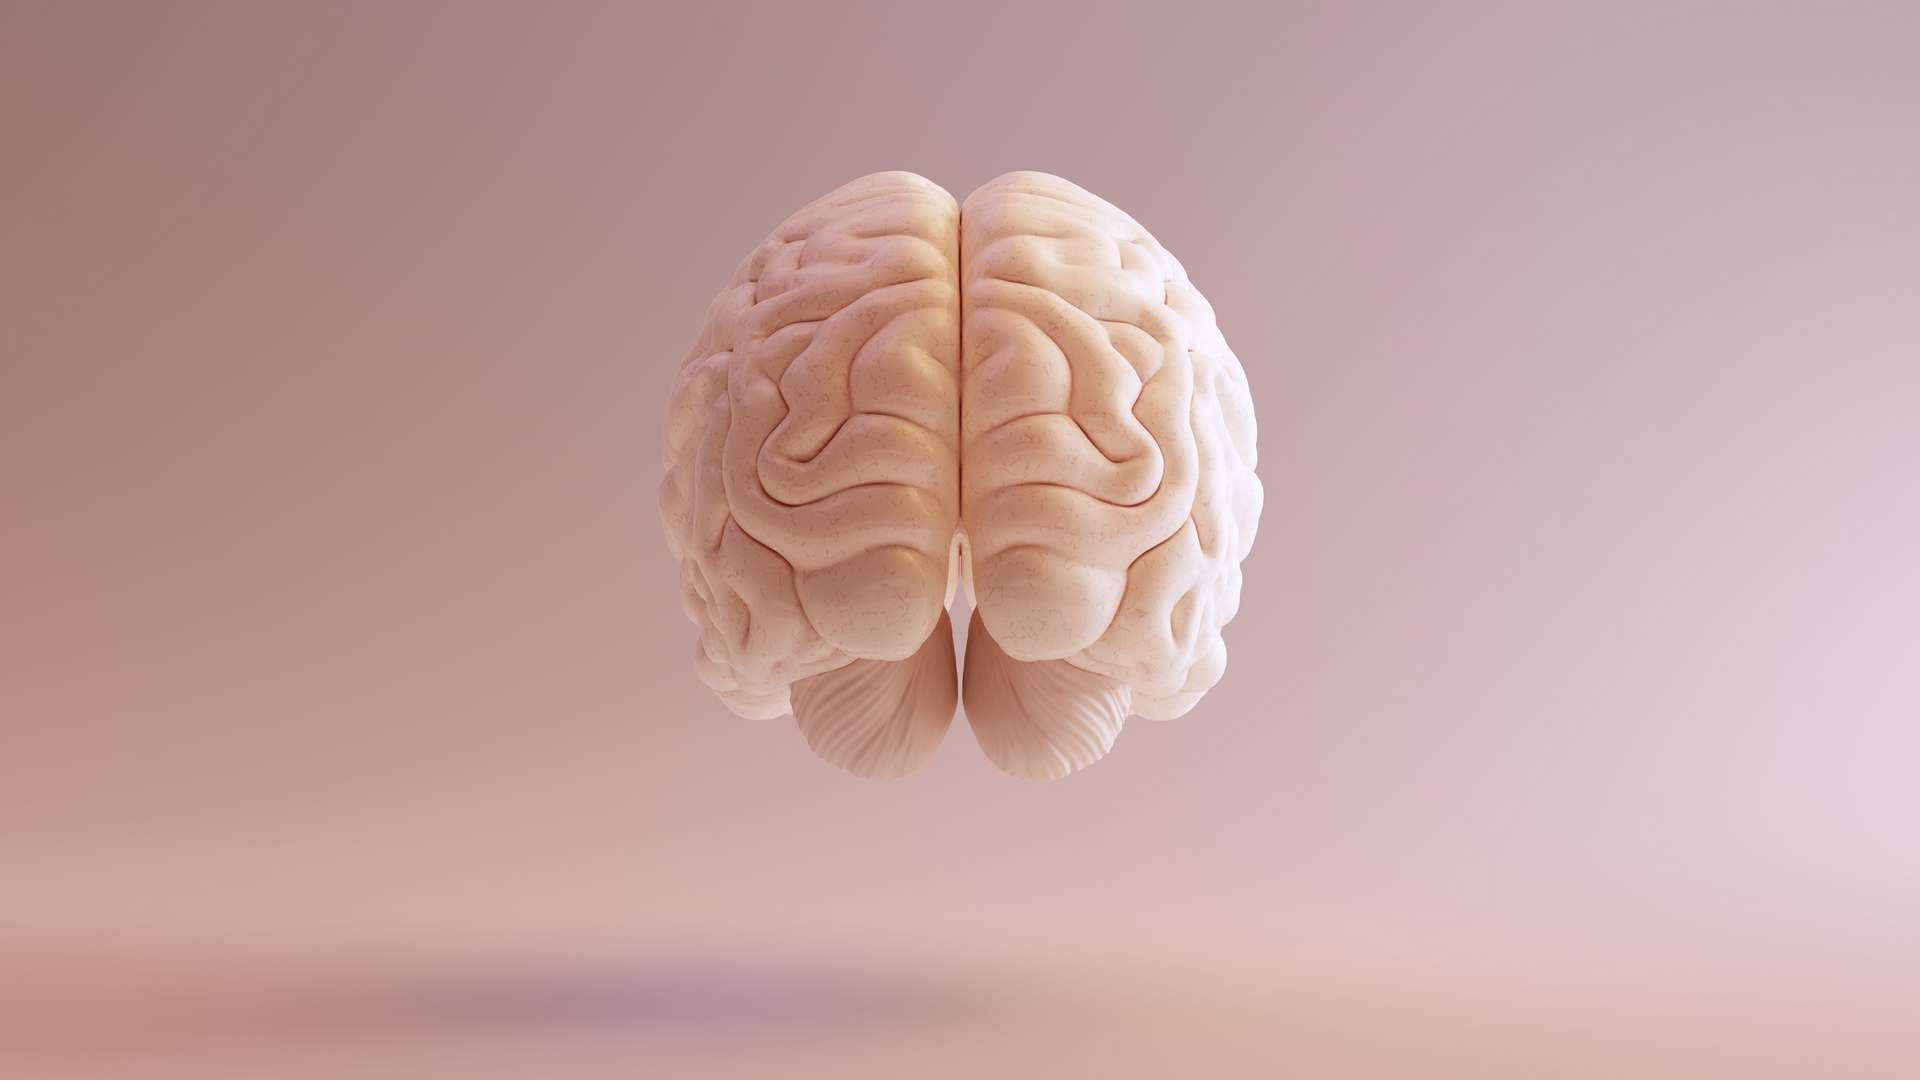 Pour leurs analyses, les chercheurs ont usé de deux outils. Une technologie qui leur a permis de détecter la substance blanche dans le cerveau, afin de reconstruire le réseau neuronal – neurones, axones, synapses. Et une solution mathématique, la théorie des réseaux, pour créer et appliquer une jauge uniforme de conductivité cérébrale. © Paul, Adobe Stock